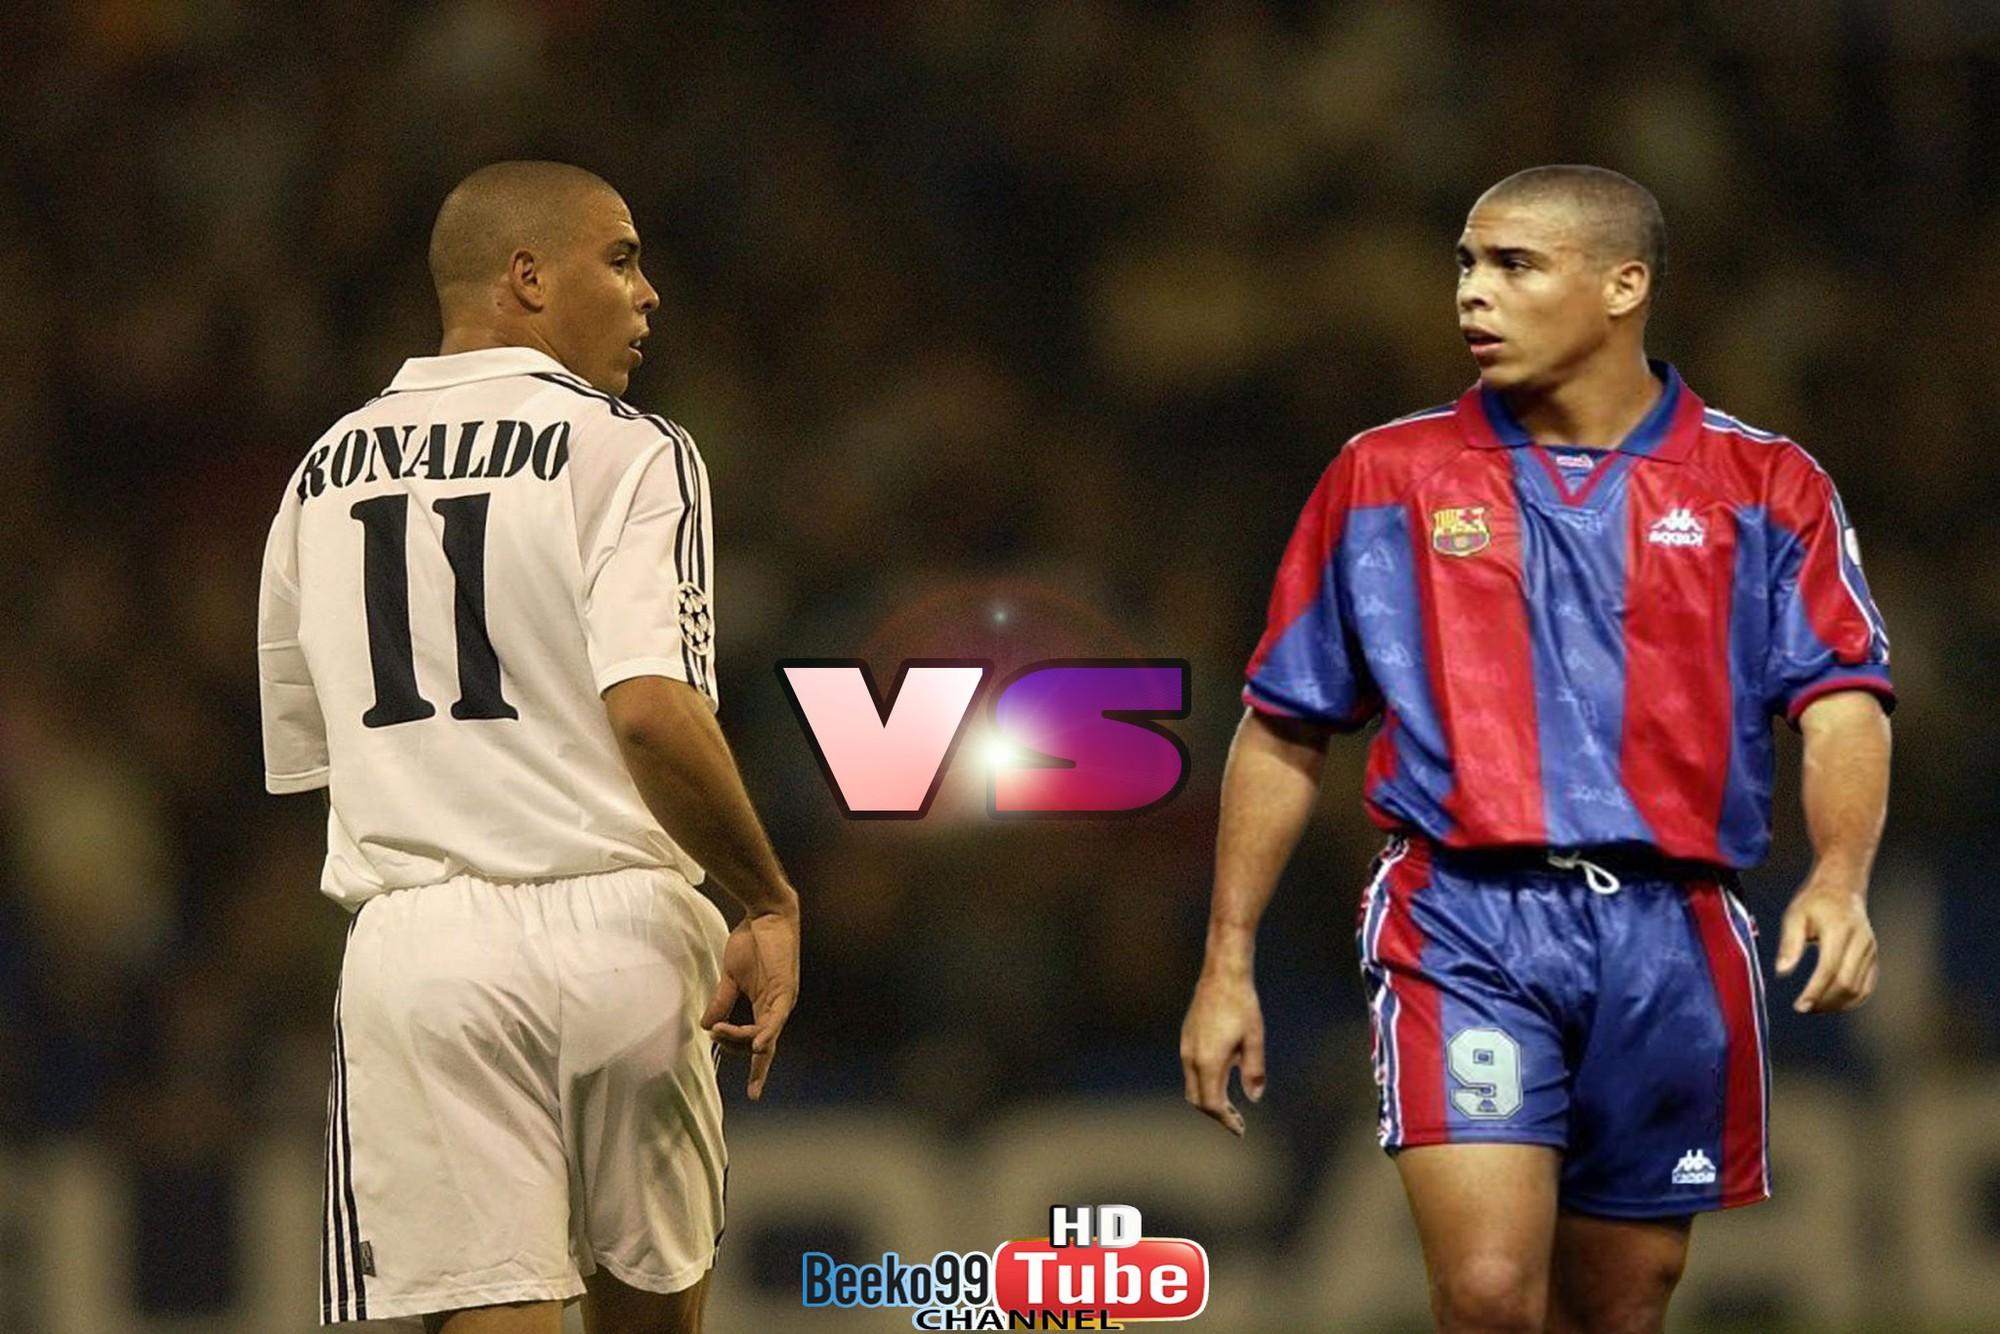 Hình ảnh: Ronaldo trở lại Liga khoác áo Real Madrid sau này